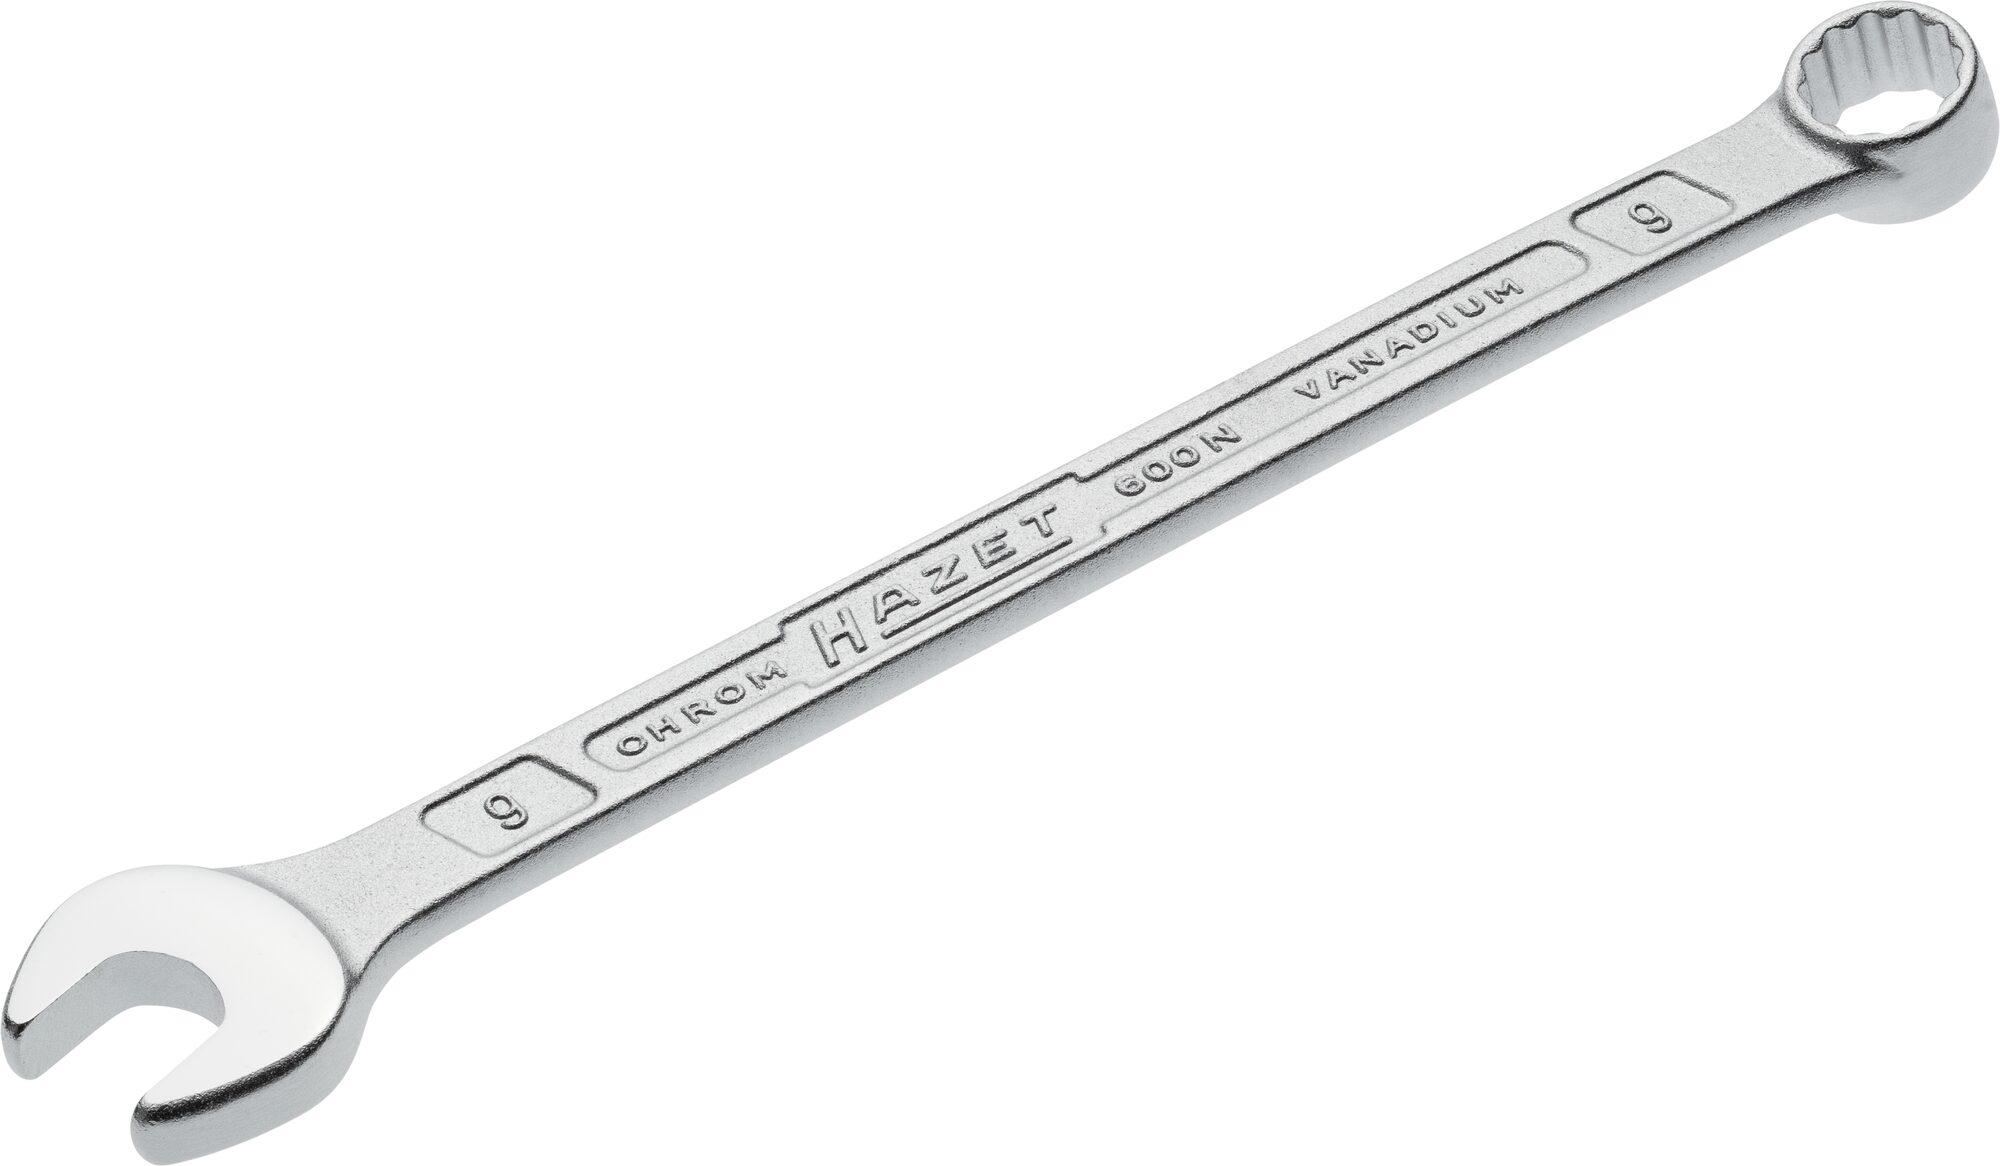 HAZET Ring-Maulschlüssel 600N-9 ∙ Außen-Doppel-Sechskant-Tractionsprofil ∙ 9 mm